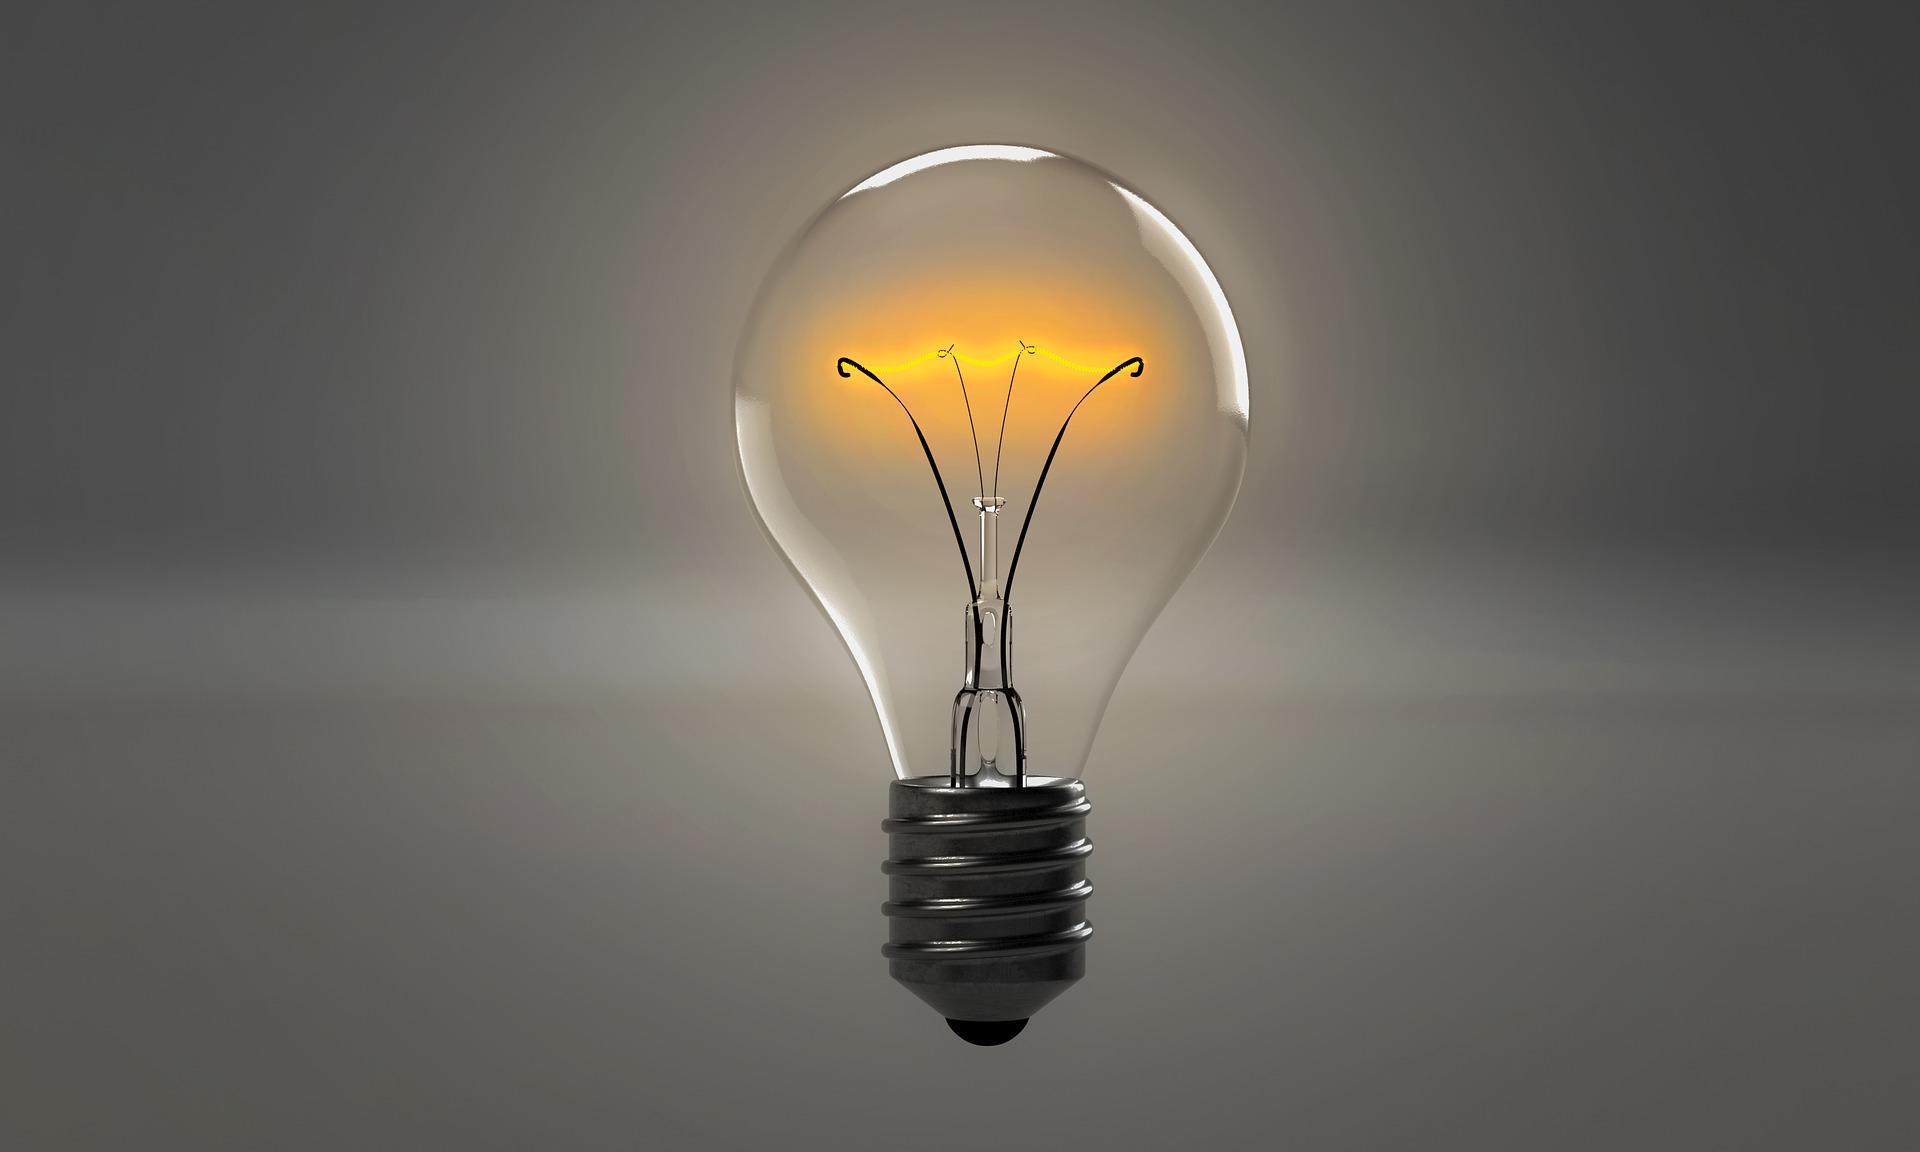 lightbulb 1875247 1920 - 【コラム】バッテリ持ち=mAhではない!ベイプもスマホも容量で選ぶな「ハート」で選べの理由